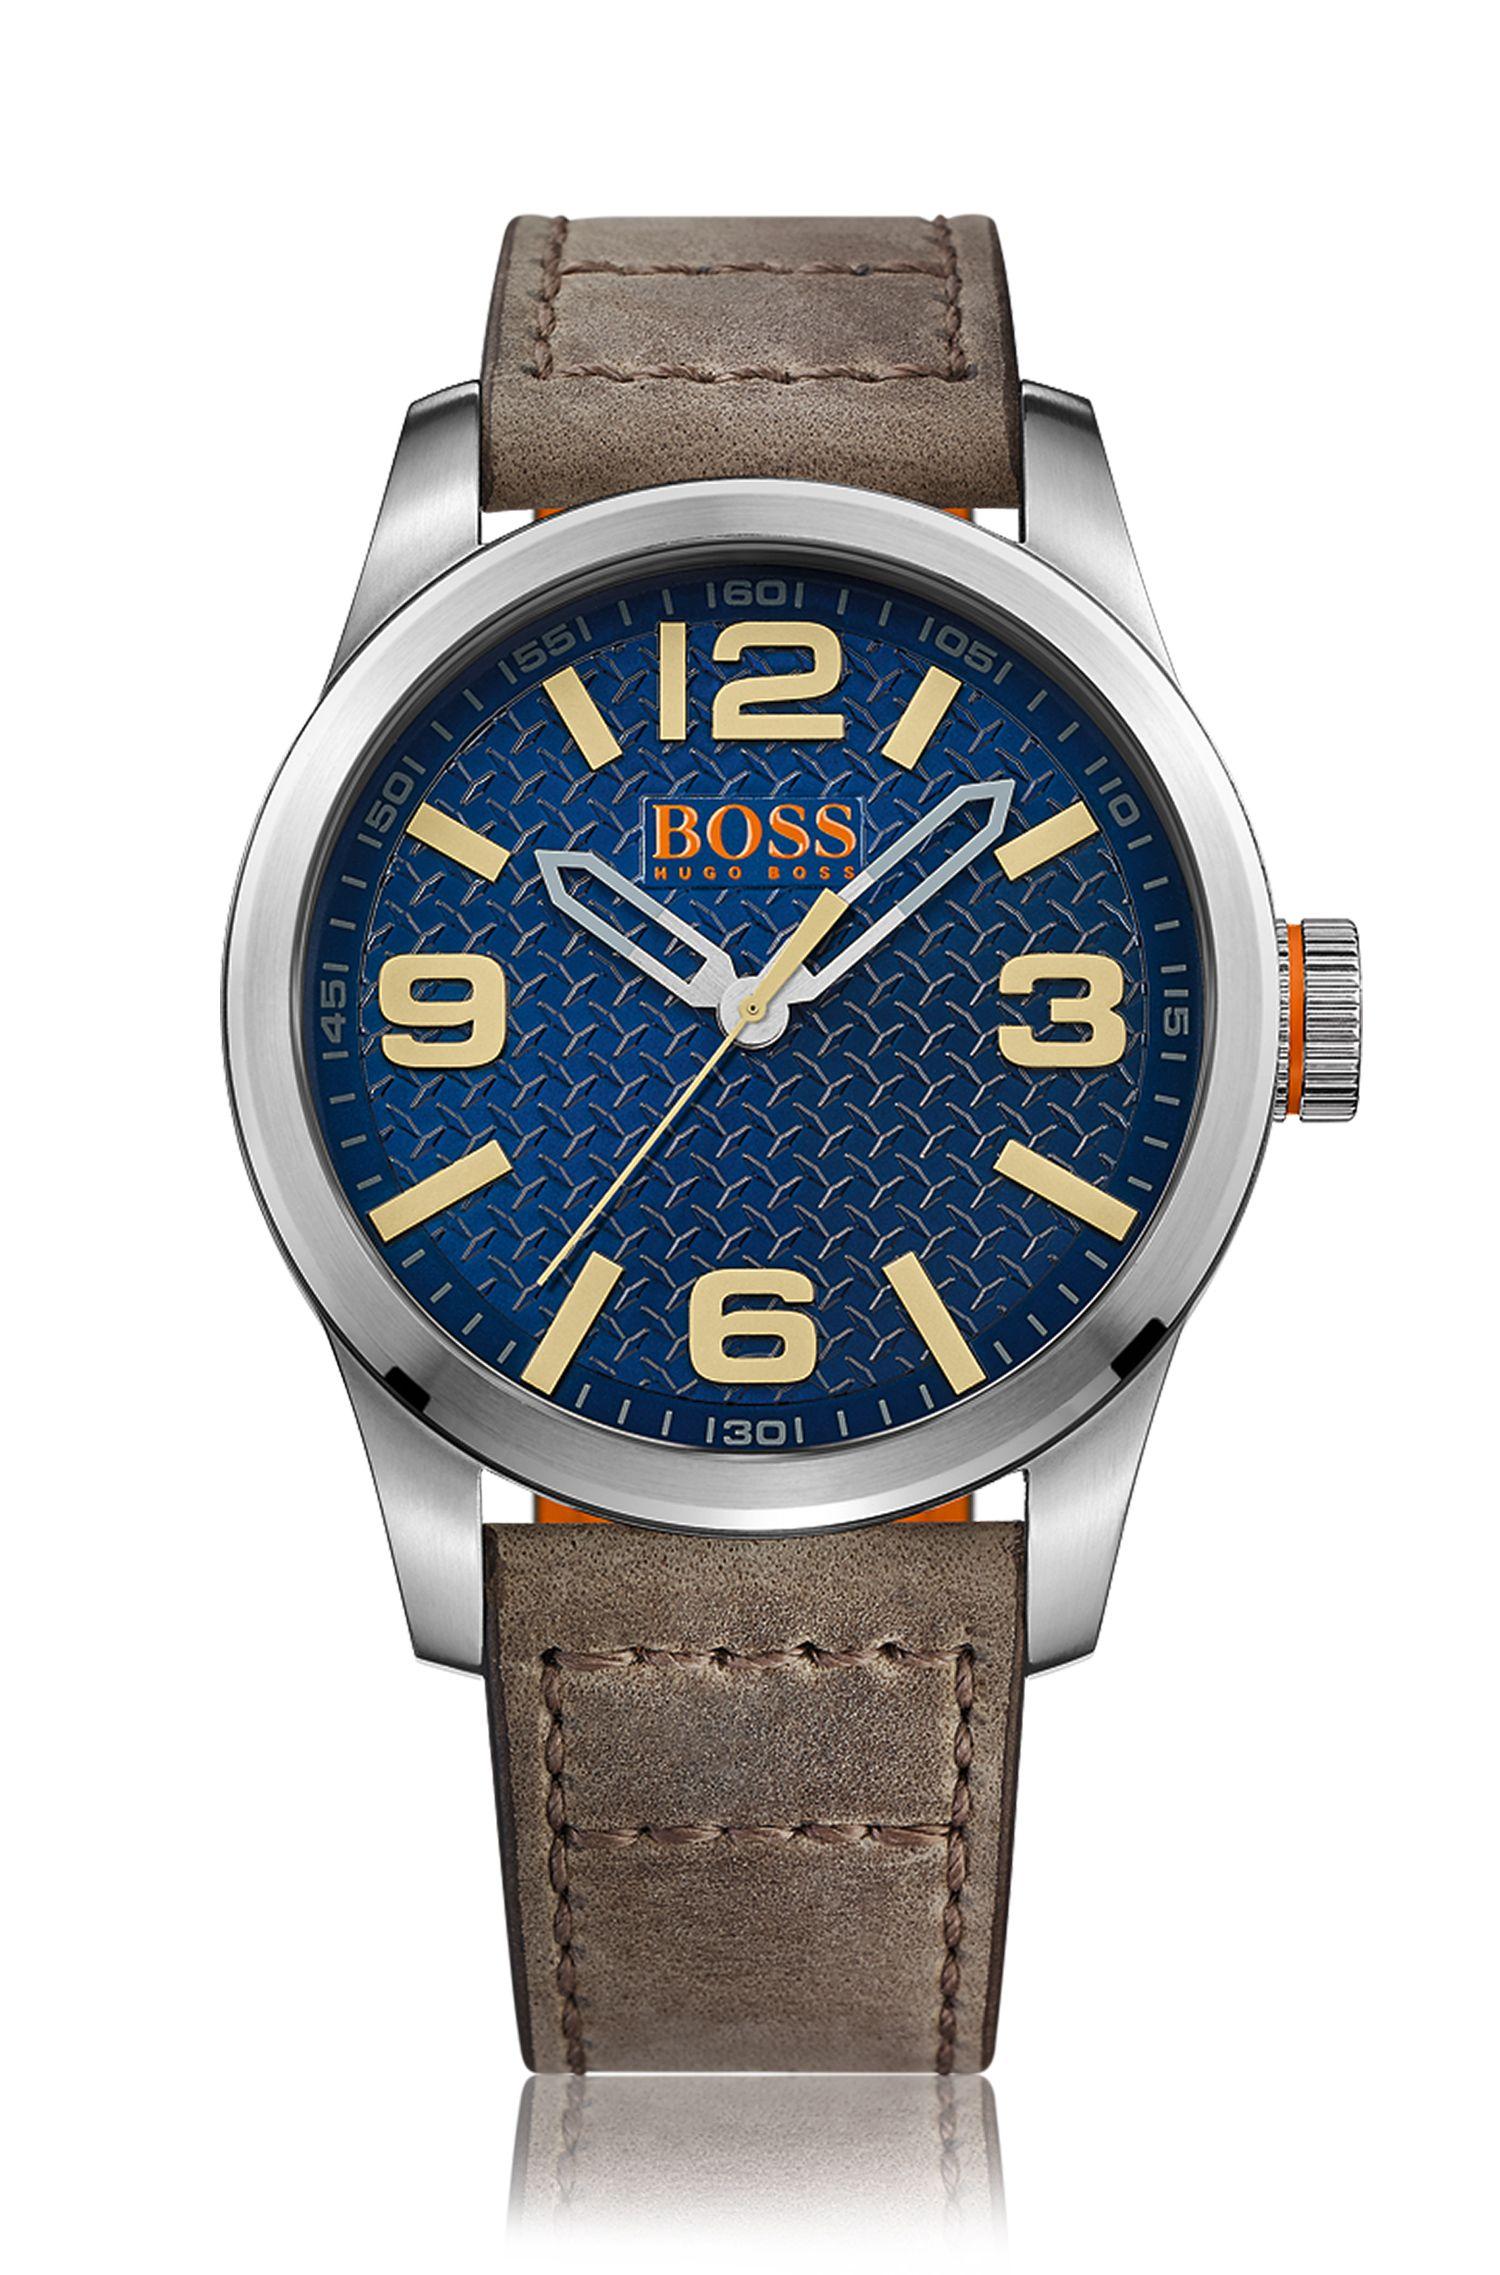 Montre à trois aiguilles en acier inoxydable dotée d'un cadran texturé bleu et d'un bracelet en cuir